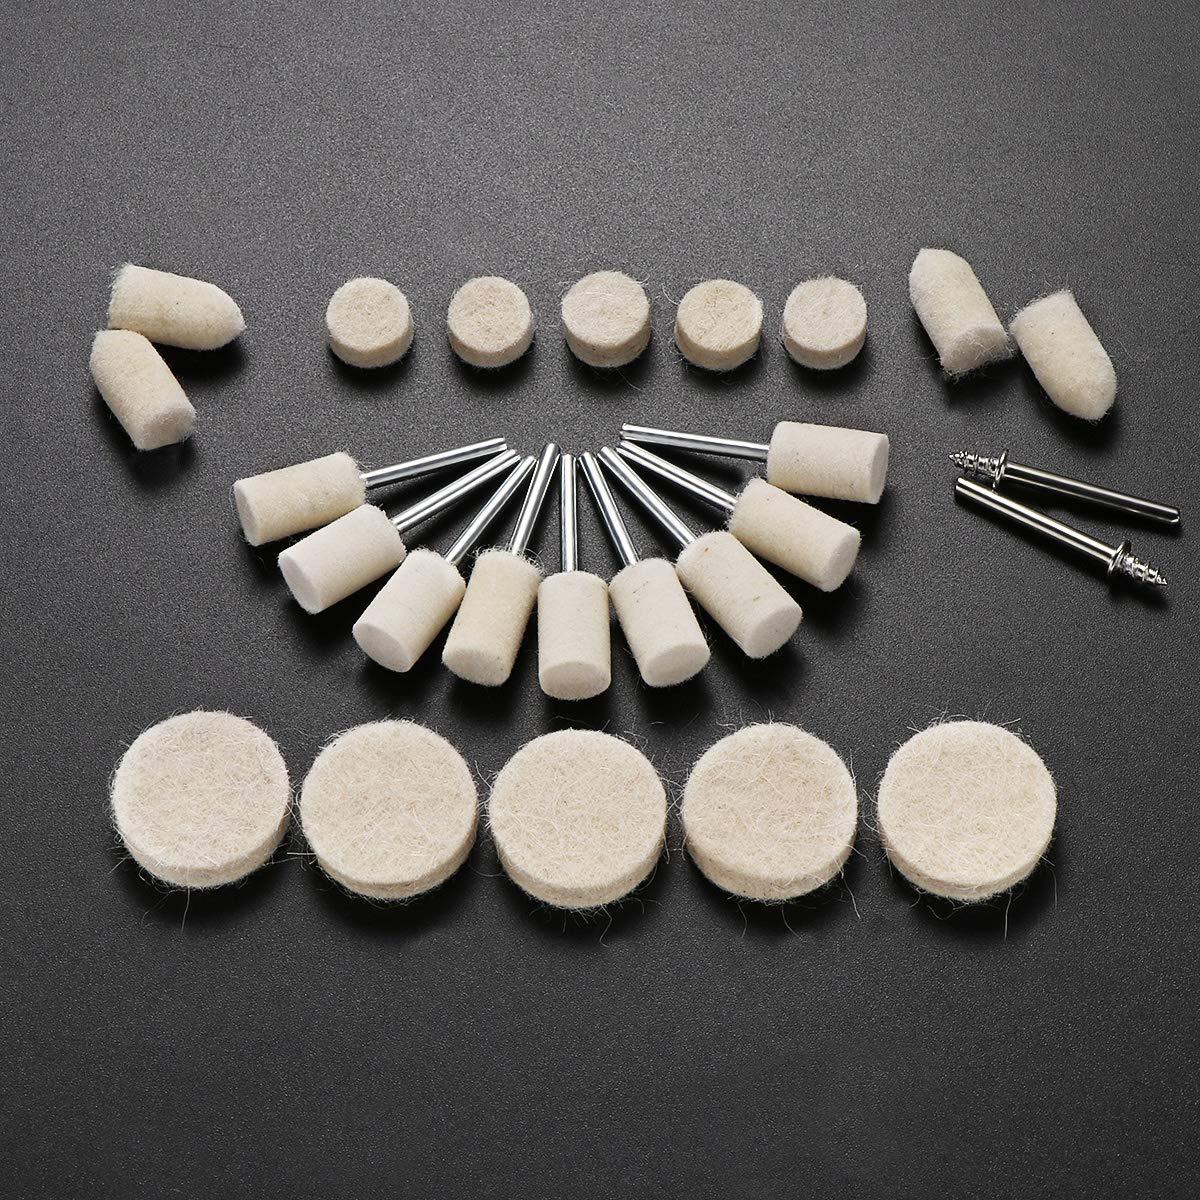 UKCOCO Kit del pulidor de la rueda del almacenador intermediario de las lanas 76pcs que pule con la goma para el funcionamiento del metal de madera